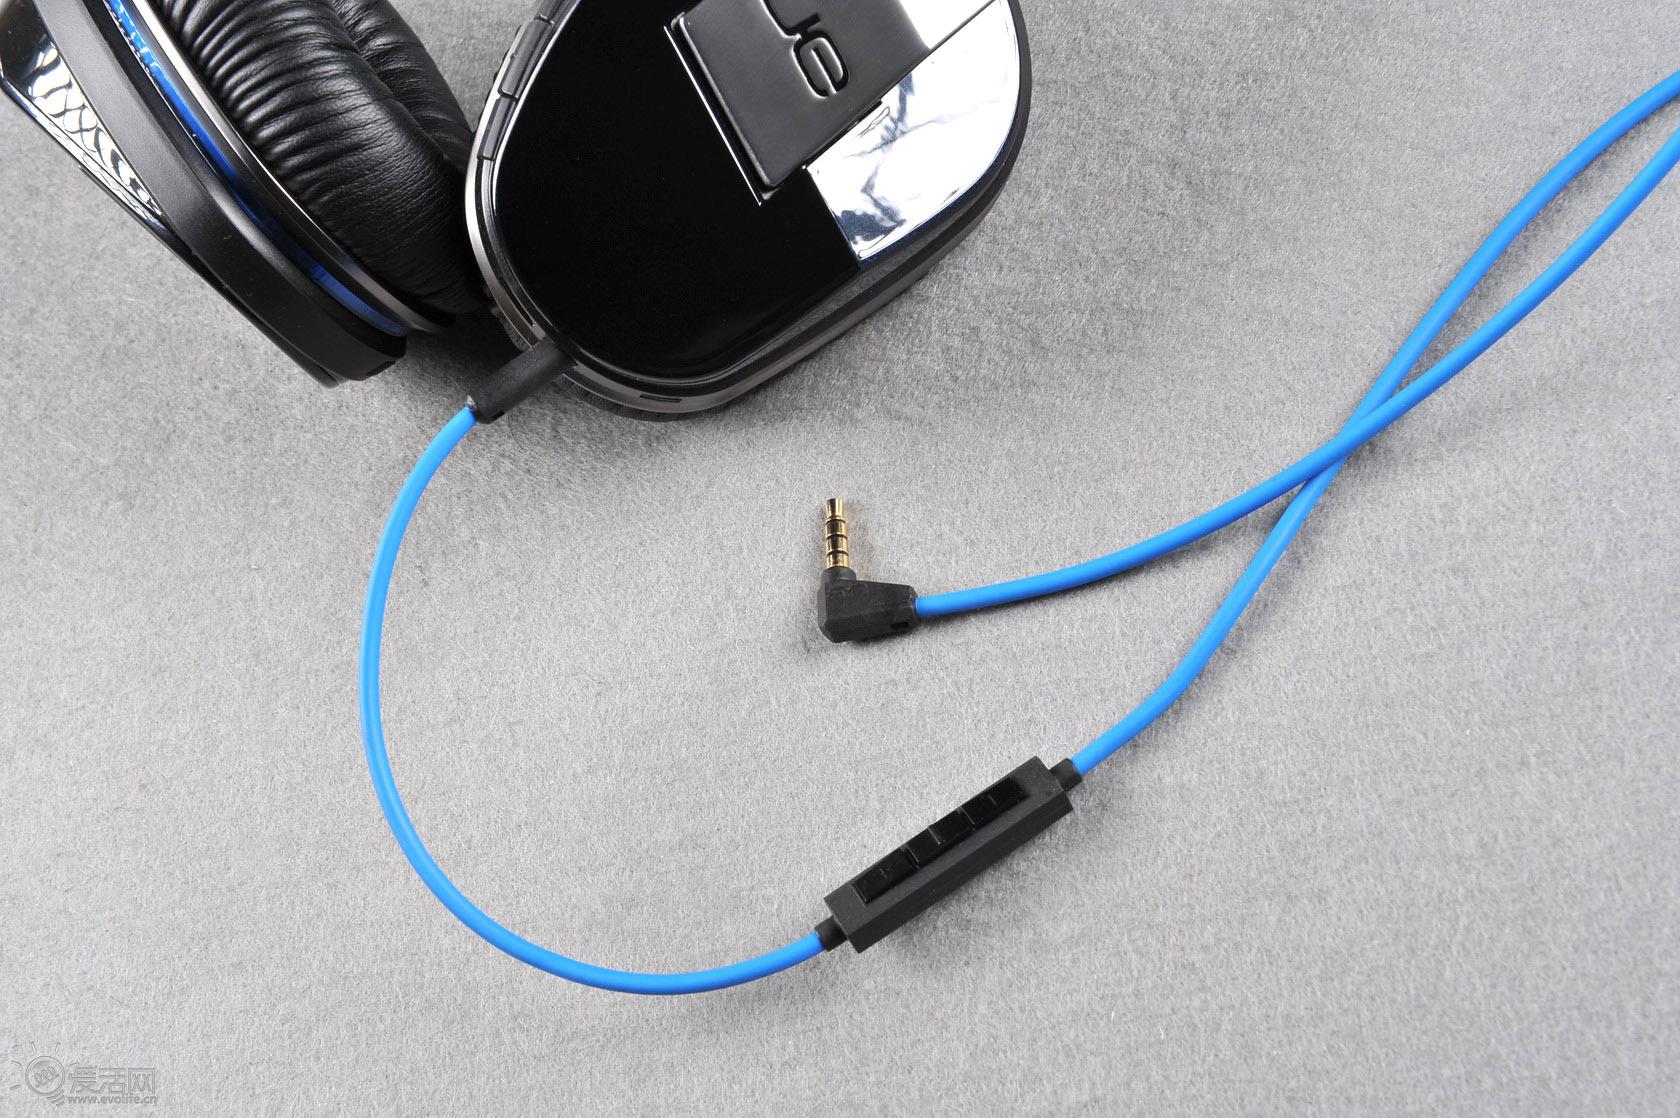 蓝牙开关同时也是耳放开关 罗技UE9000自带耳放和主动降噪,蓝牙电源的Power键同时也是耳放和降噪开关。在蓝牙无线模式下,耳机自带会开启耳放和主动降噪,前端设备的推力几乎可以无视,耳机自带的耳放就够了;而在有线模式下,打开蓝牙电源开关虽然不会启动蓝牙,但却能开启耳放和降噪,如果觉得播放设备不给力推不动UE9000,将耳放打开后你瞬间就能感受到丰沛的能量。     在不打开耳放和降噪的环境下UE9000不是很容易推动,无论在iPod、手机或电脑上都需要将音量调高到75%以上才能获得较佳听感,同时声场也比